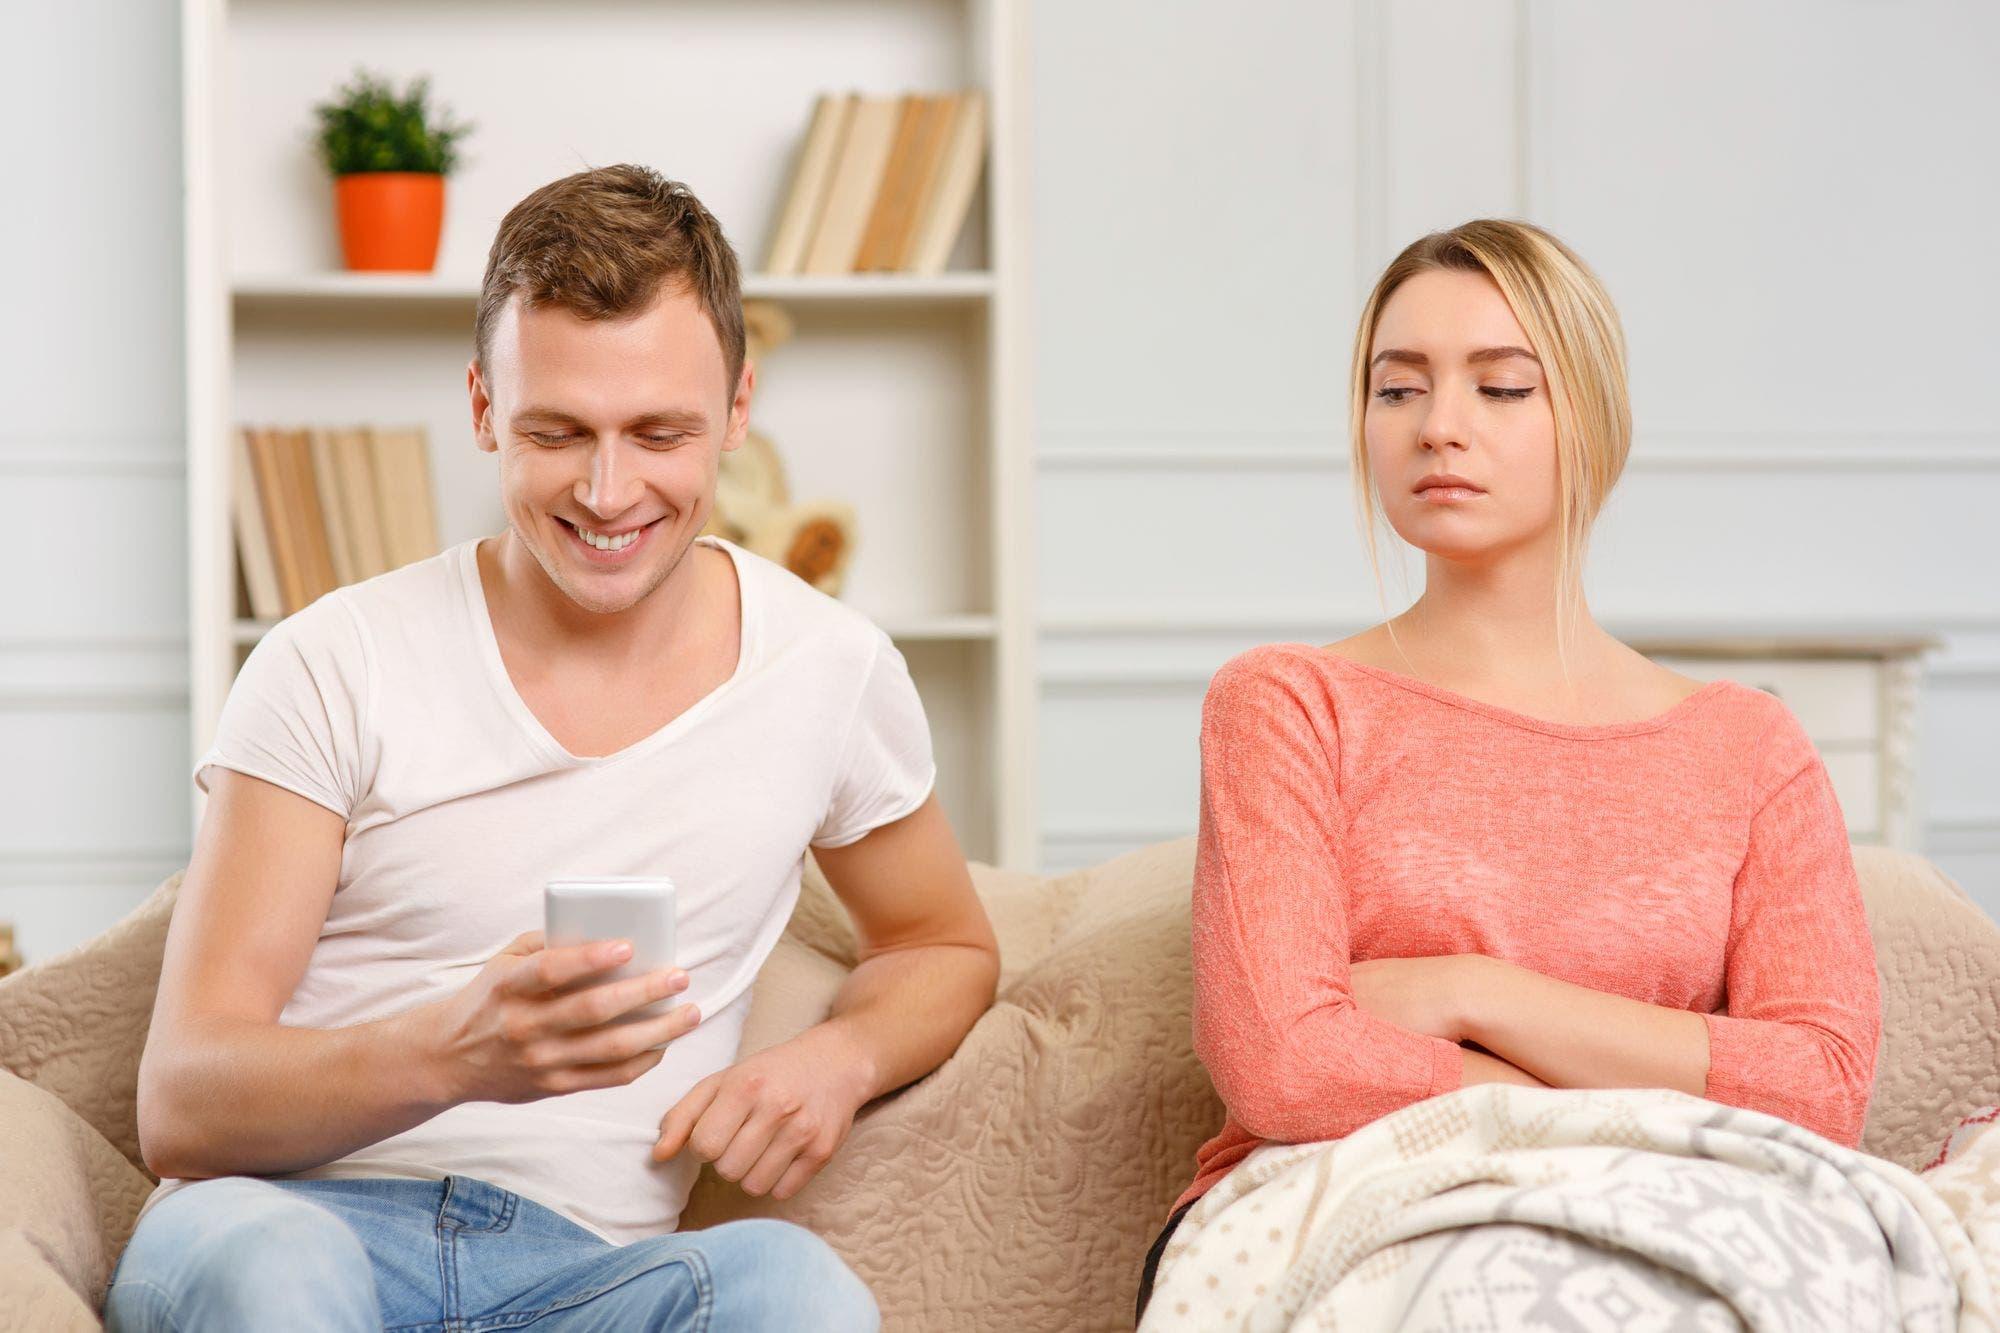 La tortilla, el smartphone y el respeto por el otro